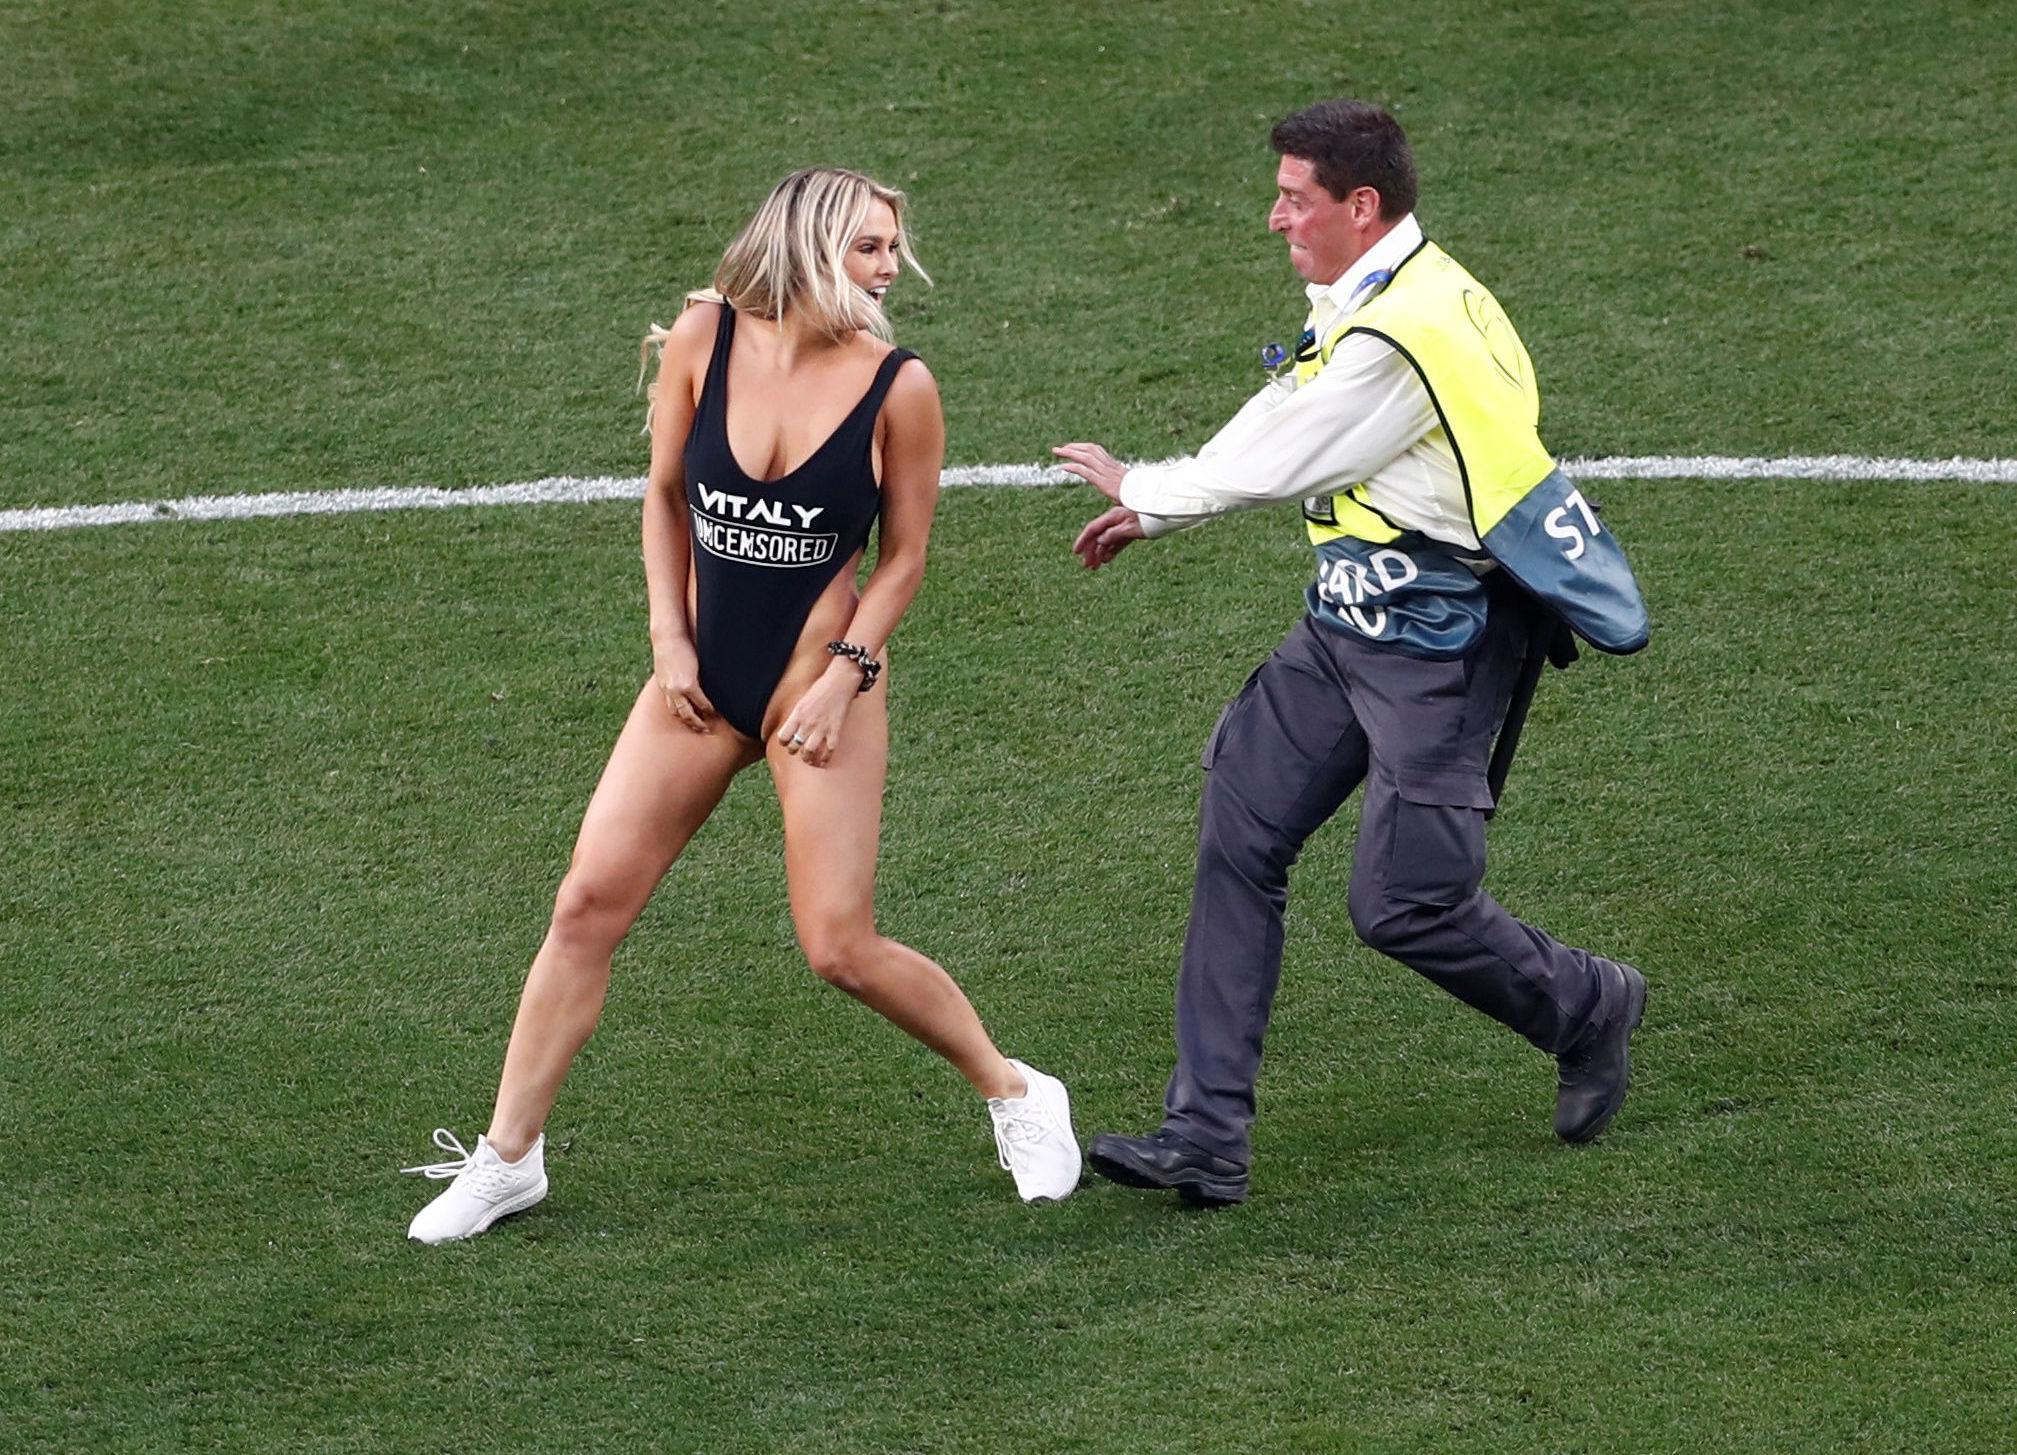 Dívka vběhla na hřiště během finále Ligy mistrů mezi Liverpoolem a Tottenhamem